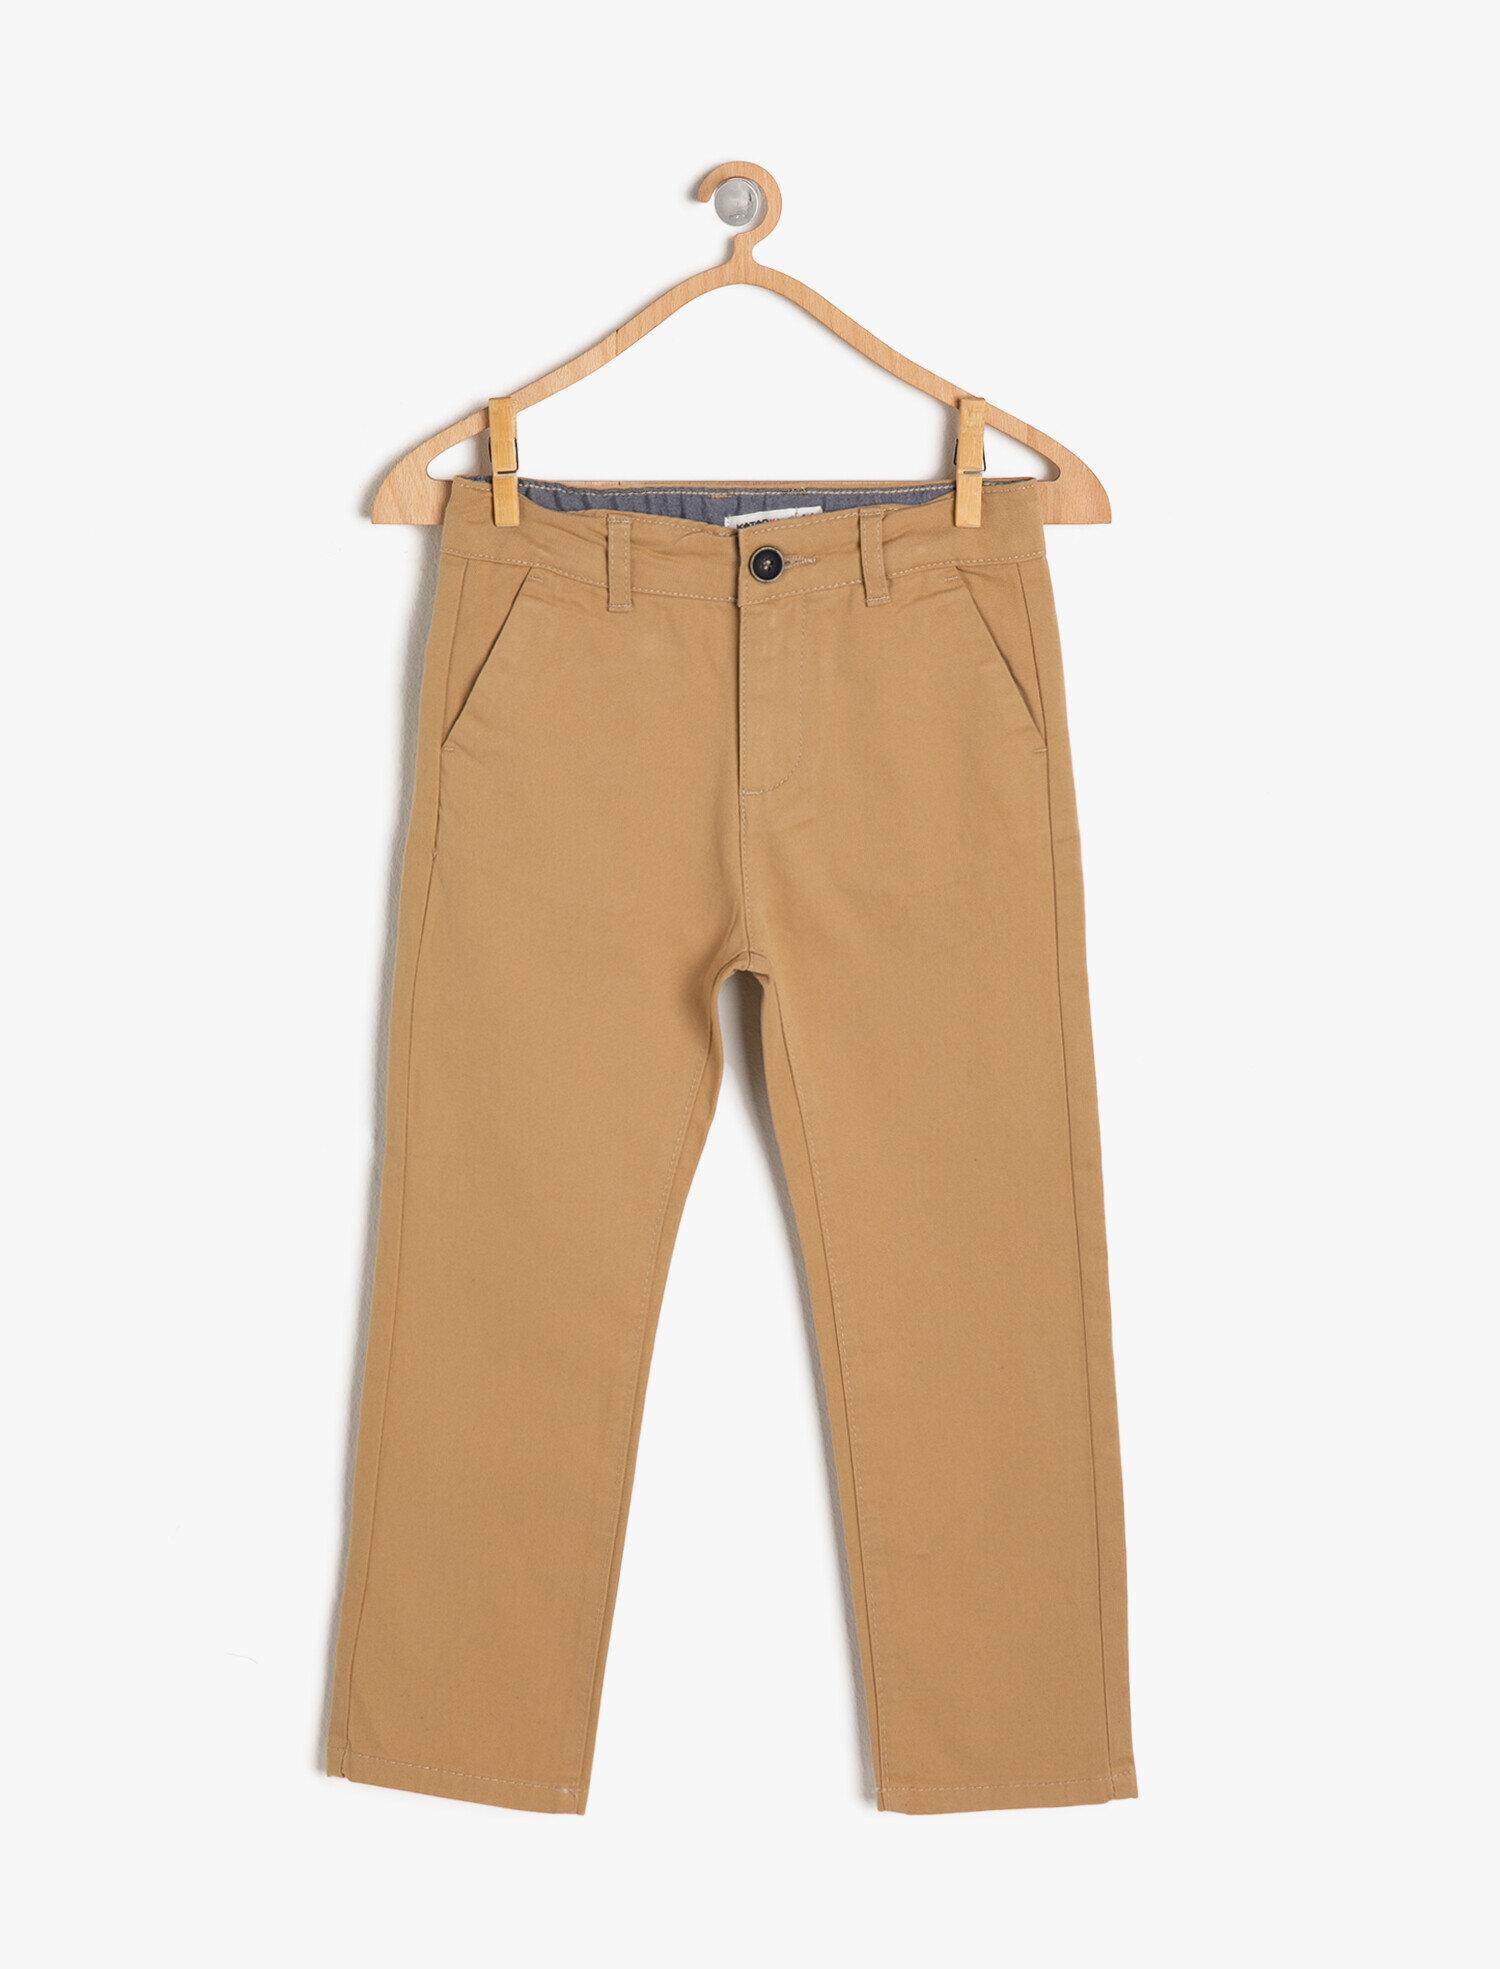 Koton Erkek Çocuk Normal Bel Pantolon Ekru Ürün Resmi